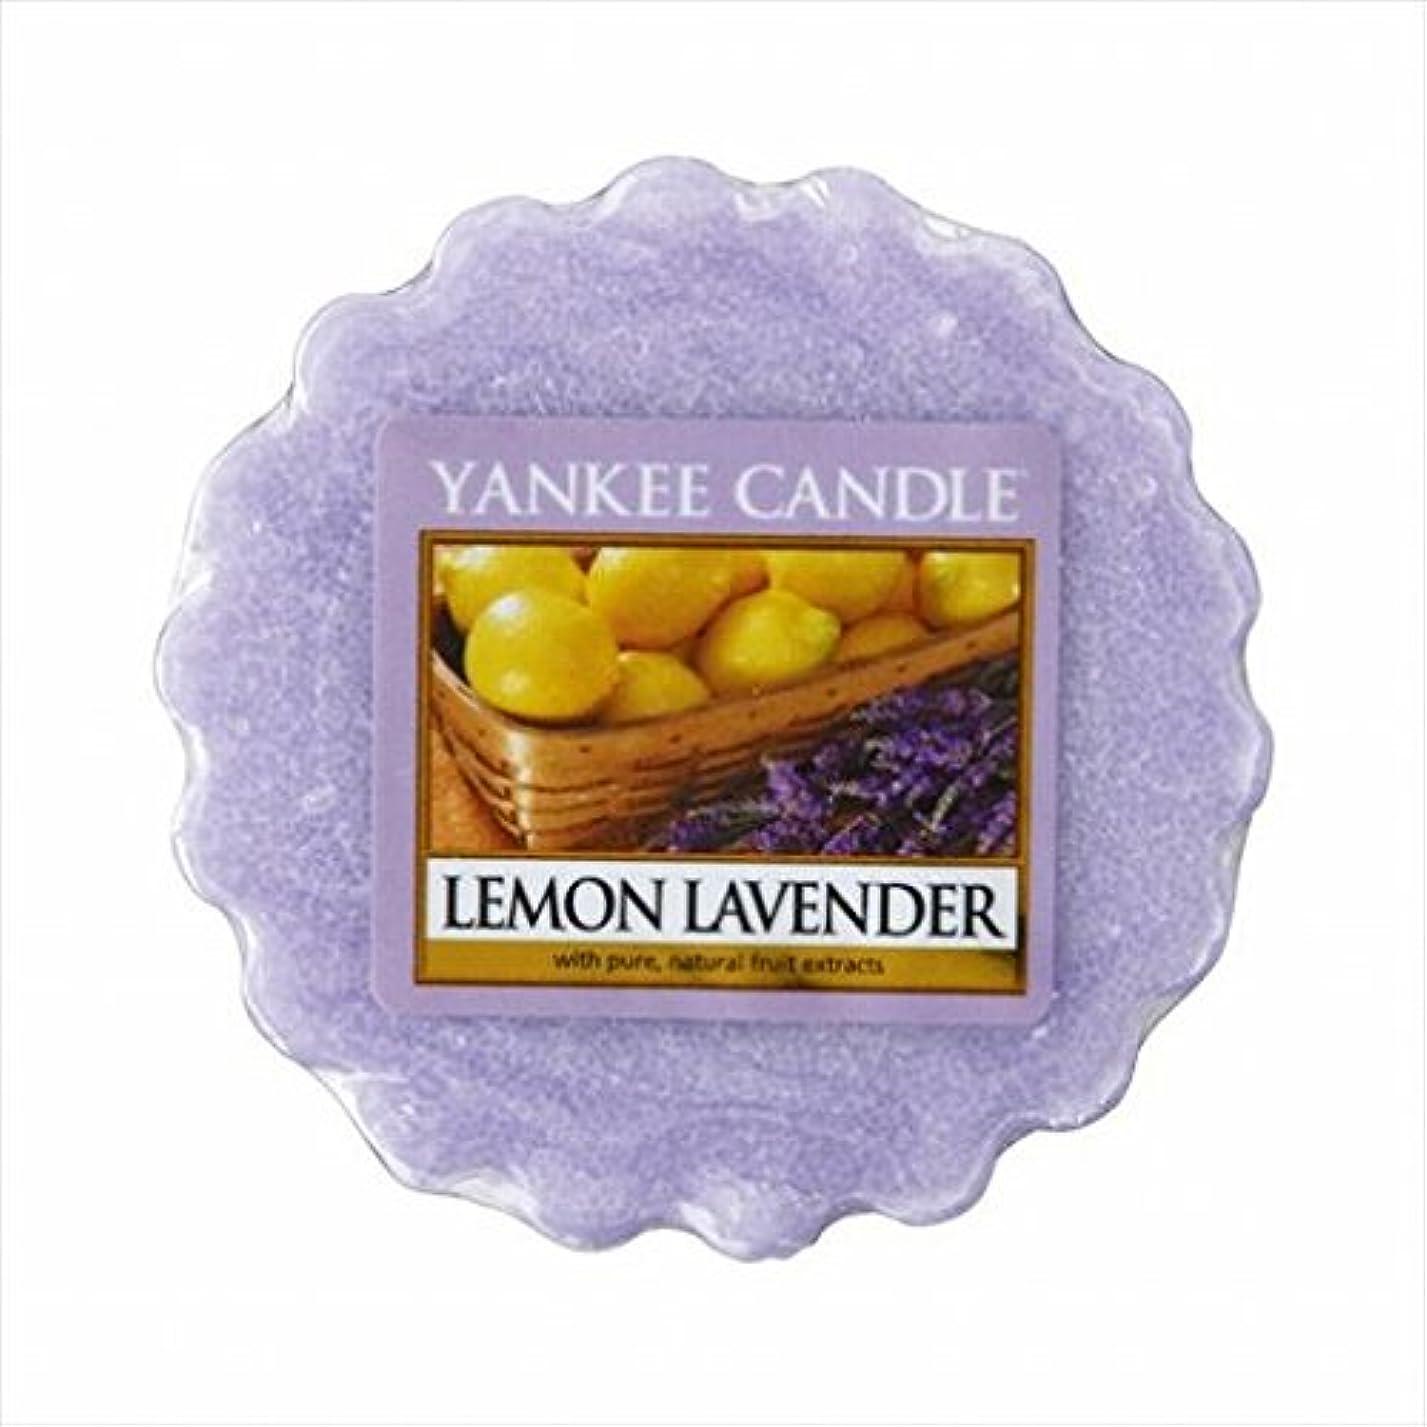 戻るレトルト重要なカメヤマキャンドル(kameyama candle) YANKEE CANDLE タルト ワックスポプリ 「 レモンラベンダー 」